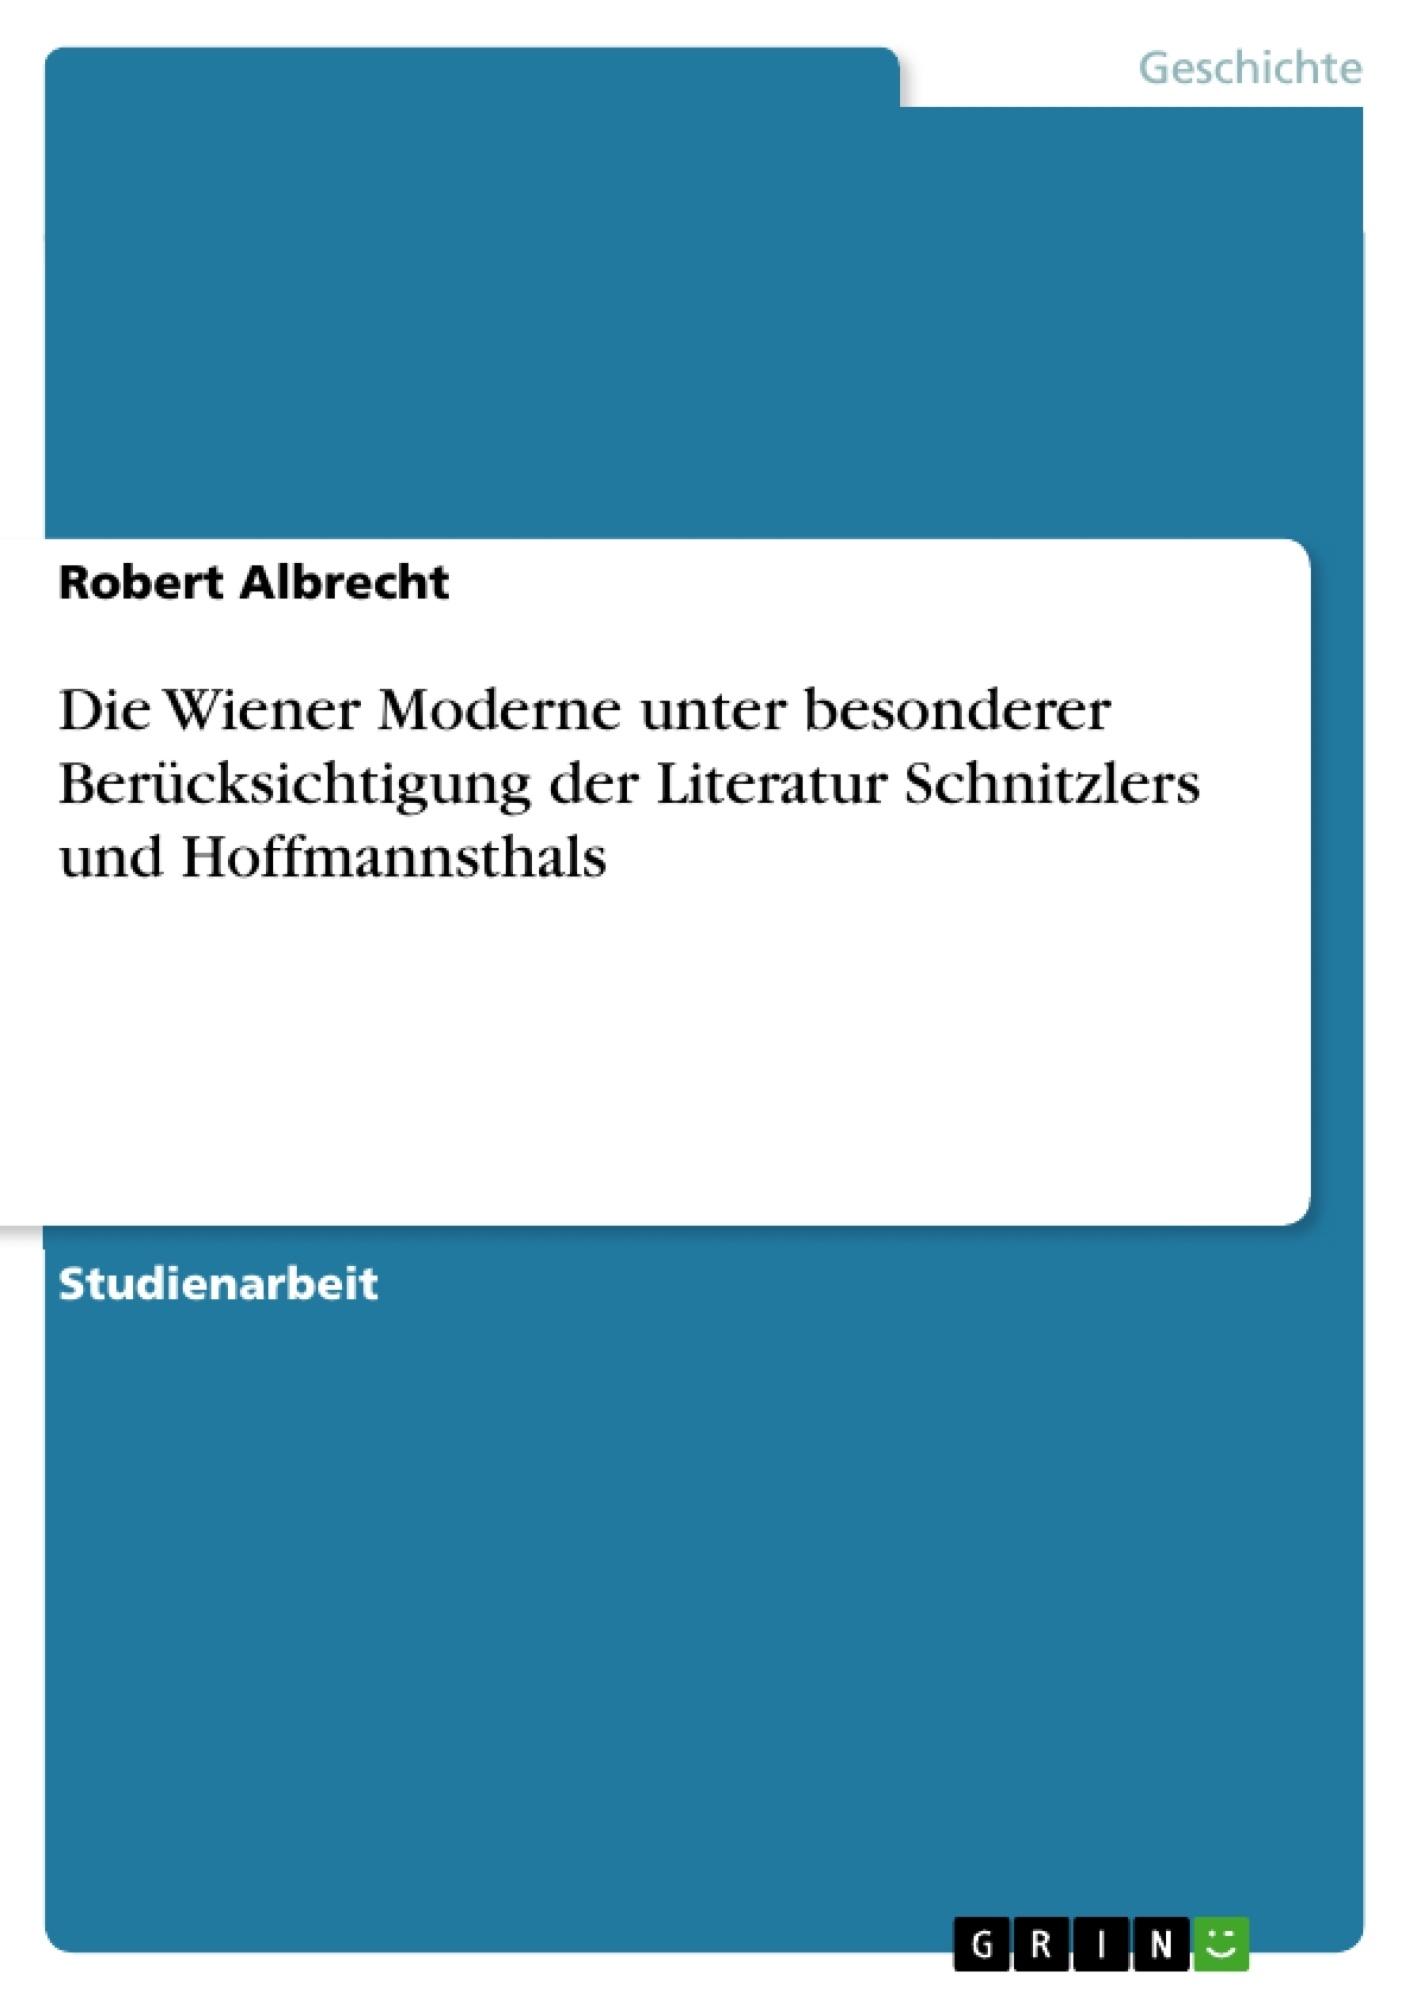 Titel: Die Wiener Moderne unter besonderer Berücksichtigung der Literatur Schnitzlers und Hoffmannsthals